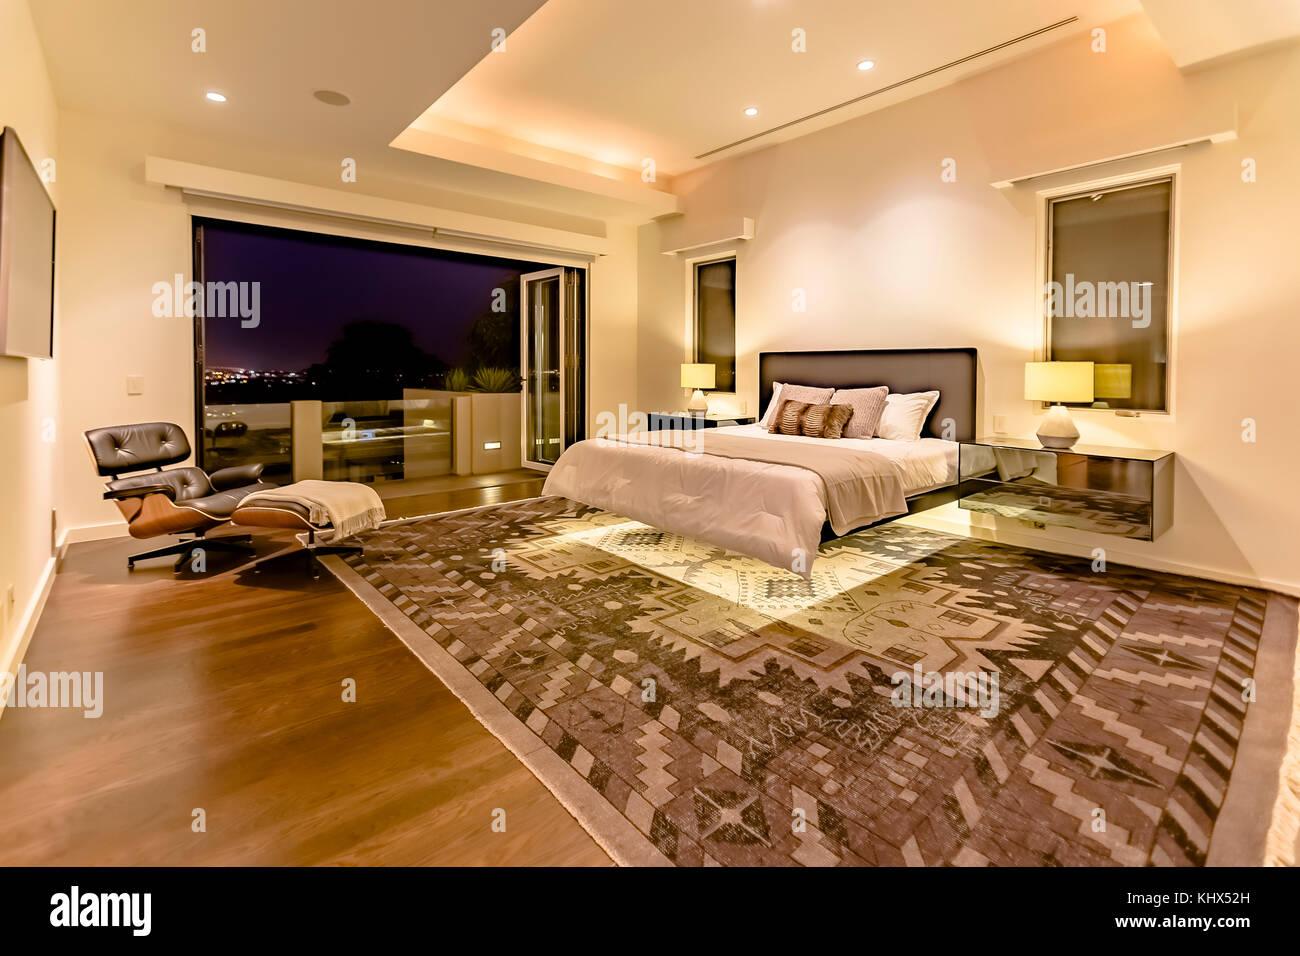 Leuchten Schlafzimmer Luxus california Home im Obergeschoss ...